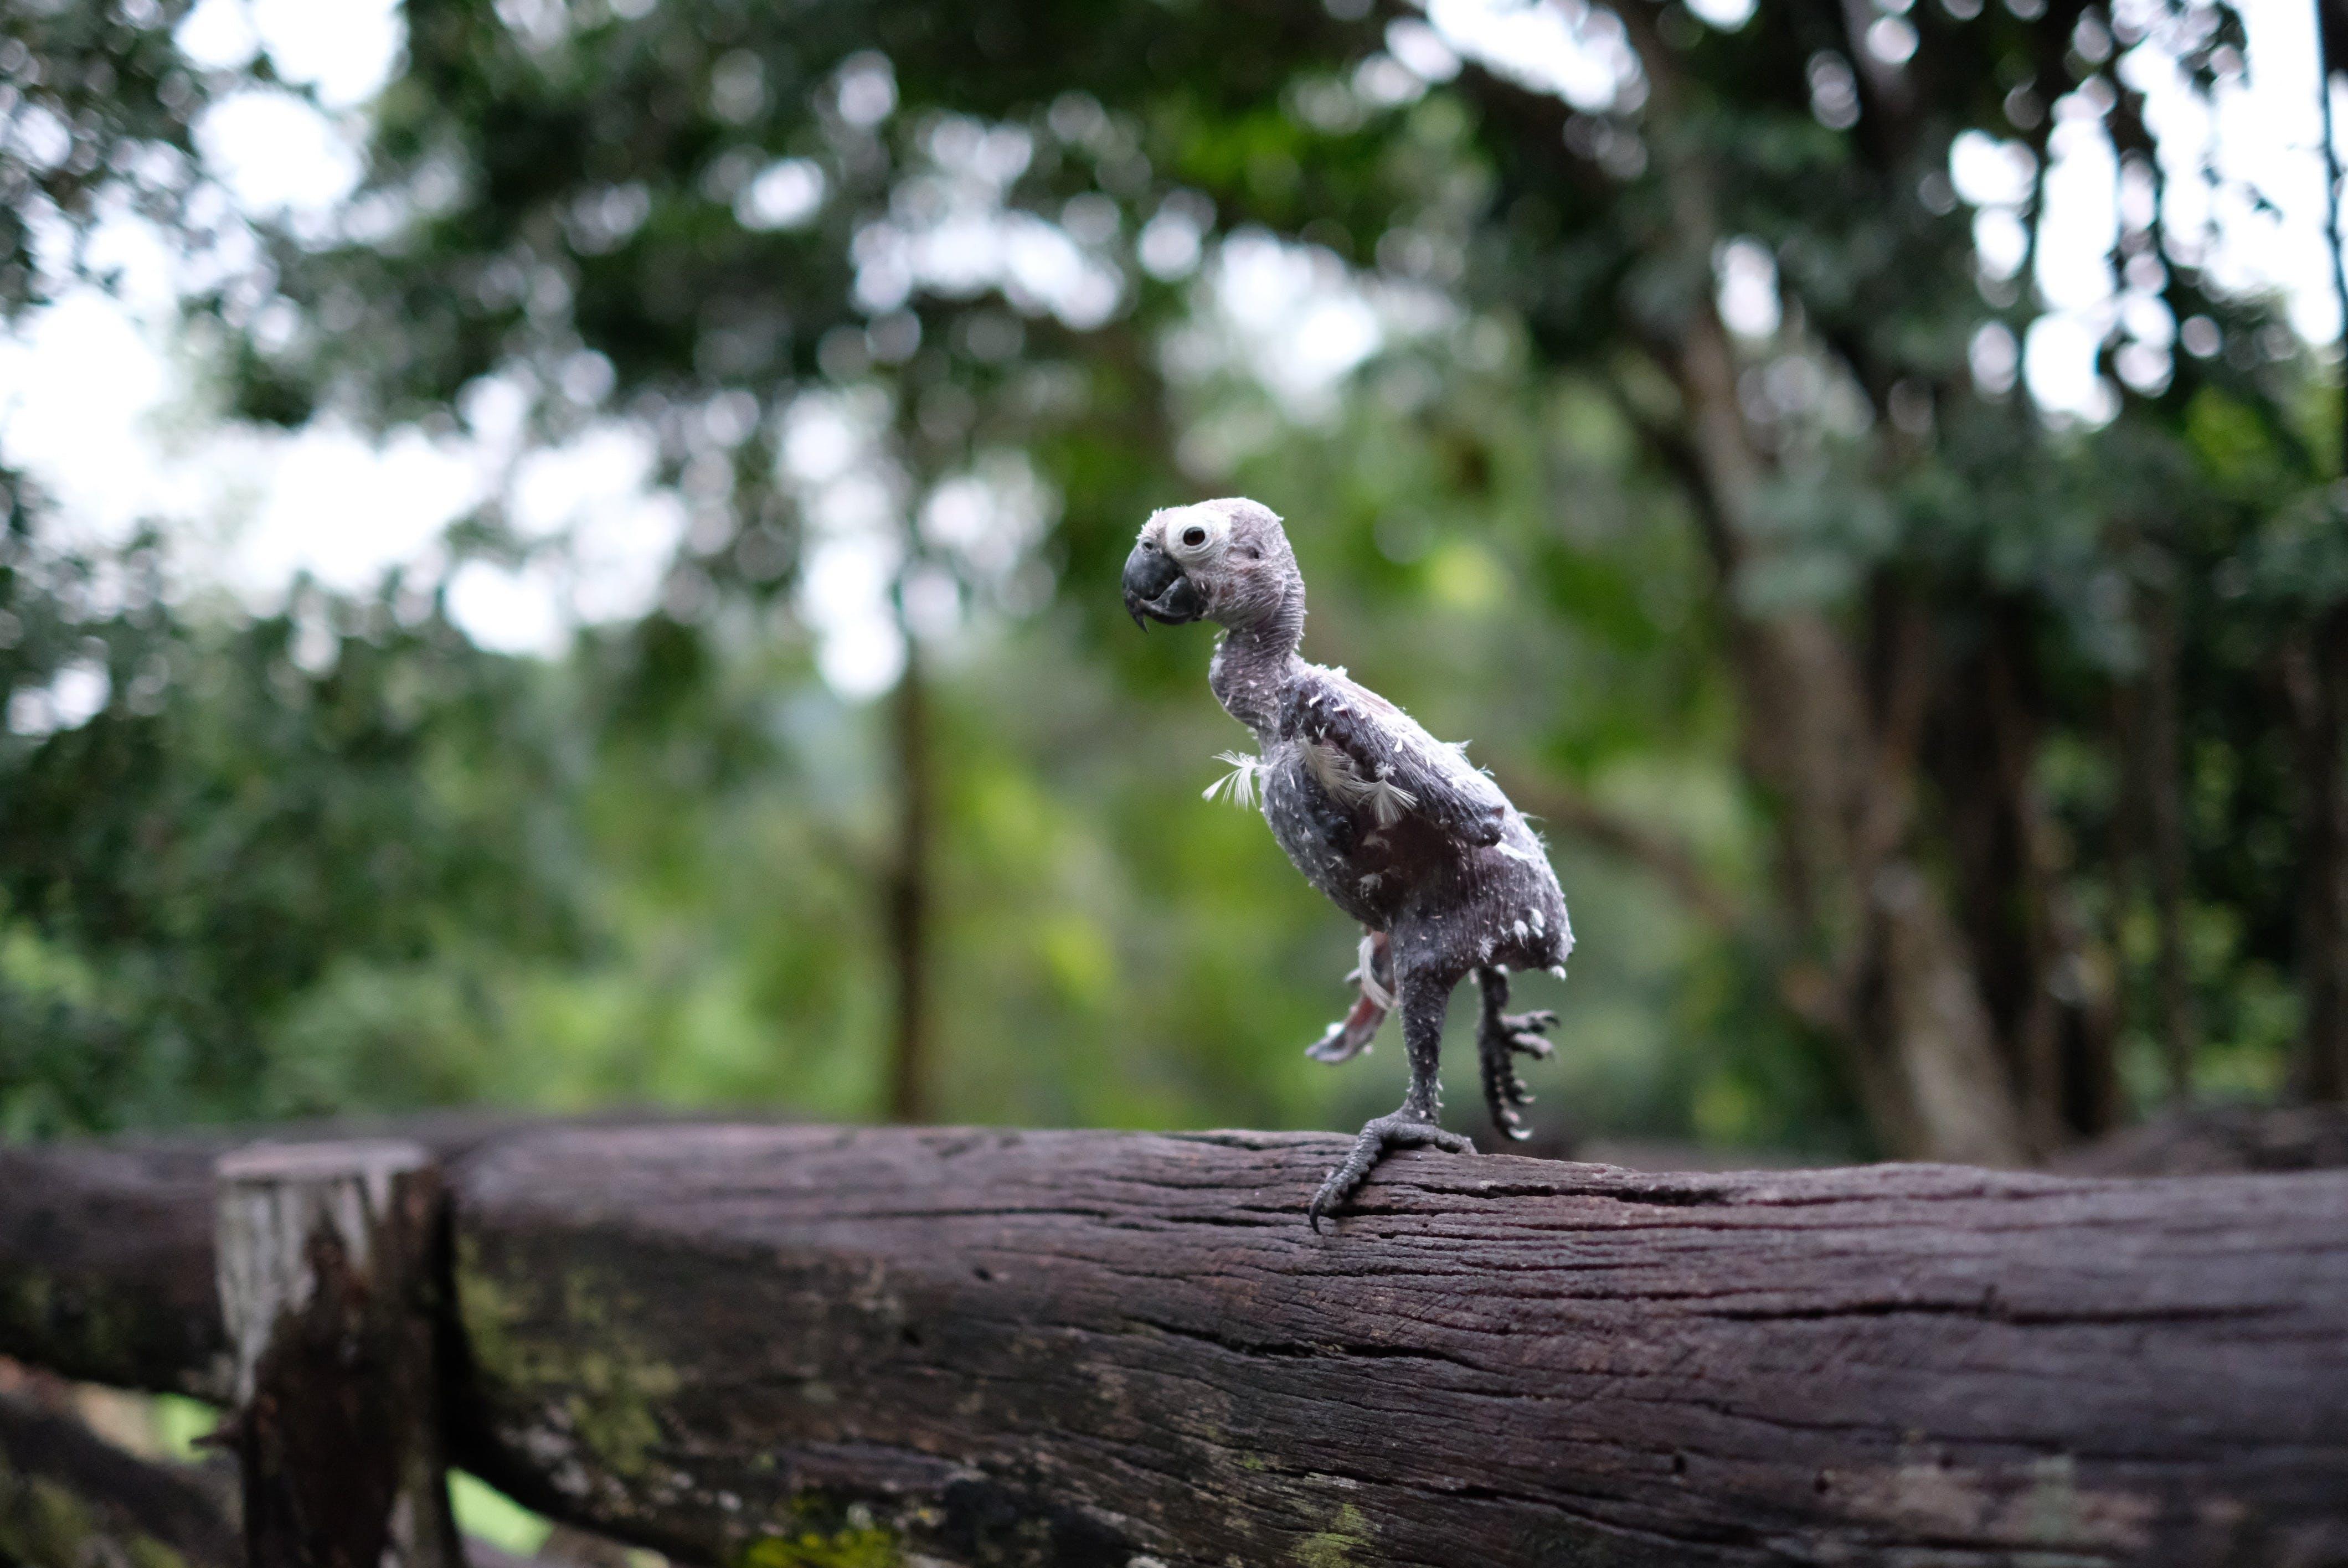 Featherless Bird on Wooden Fence